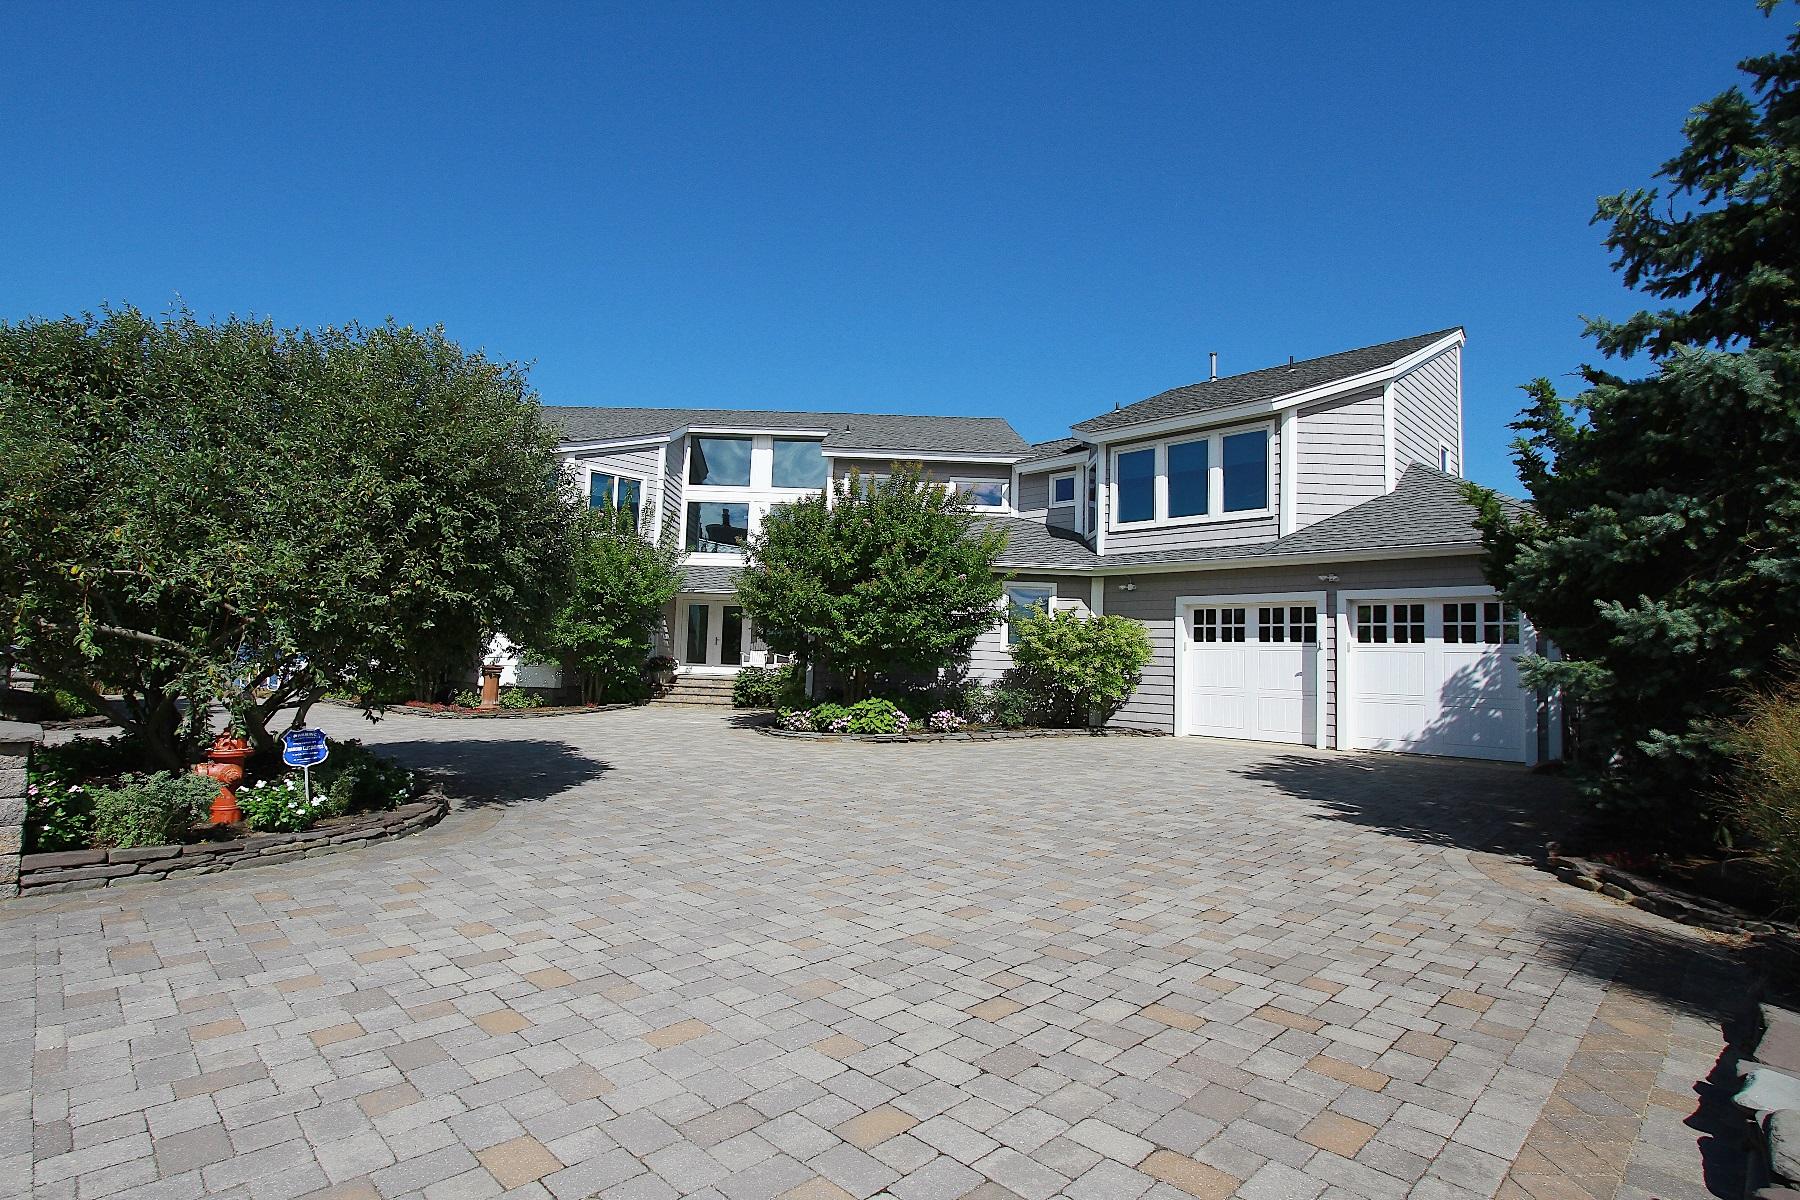 独户住宅 为 销售 在 SUNSET COVE 40-D Long Beach Blvd. Loveladies, 长滩乡, 新泽西州, 08008 美国